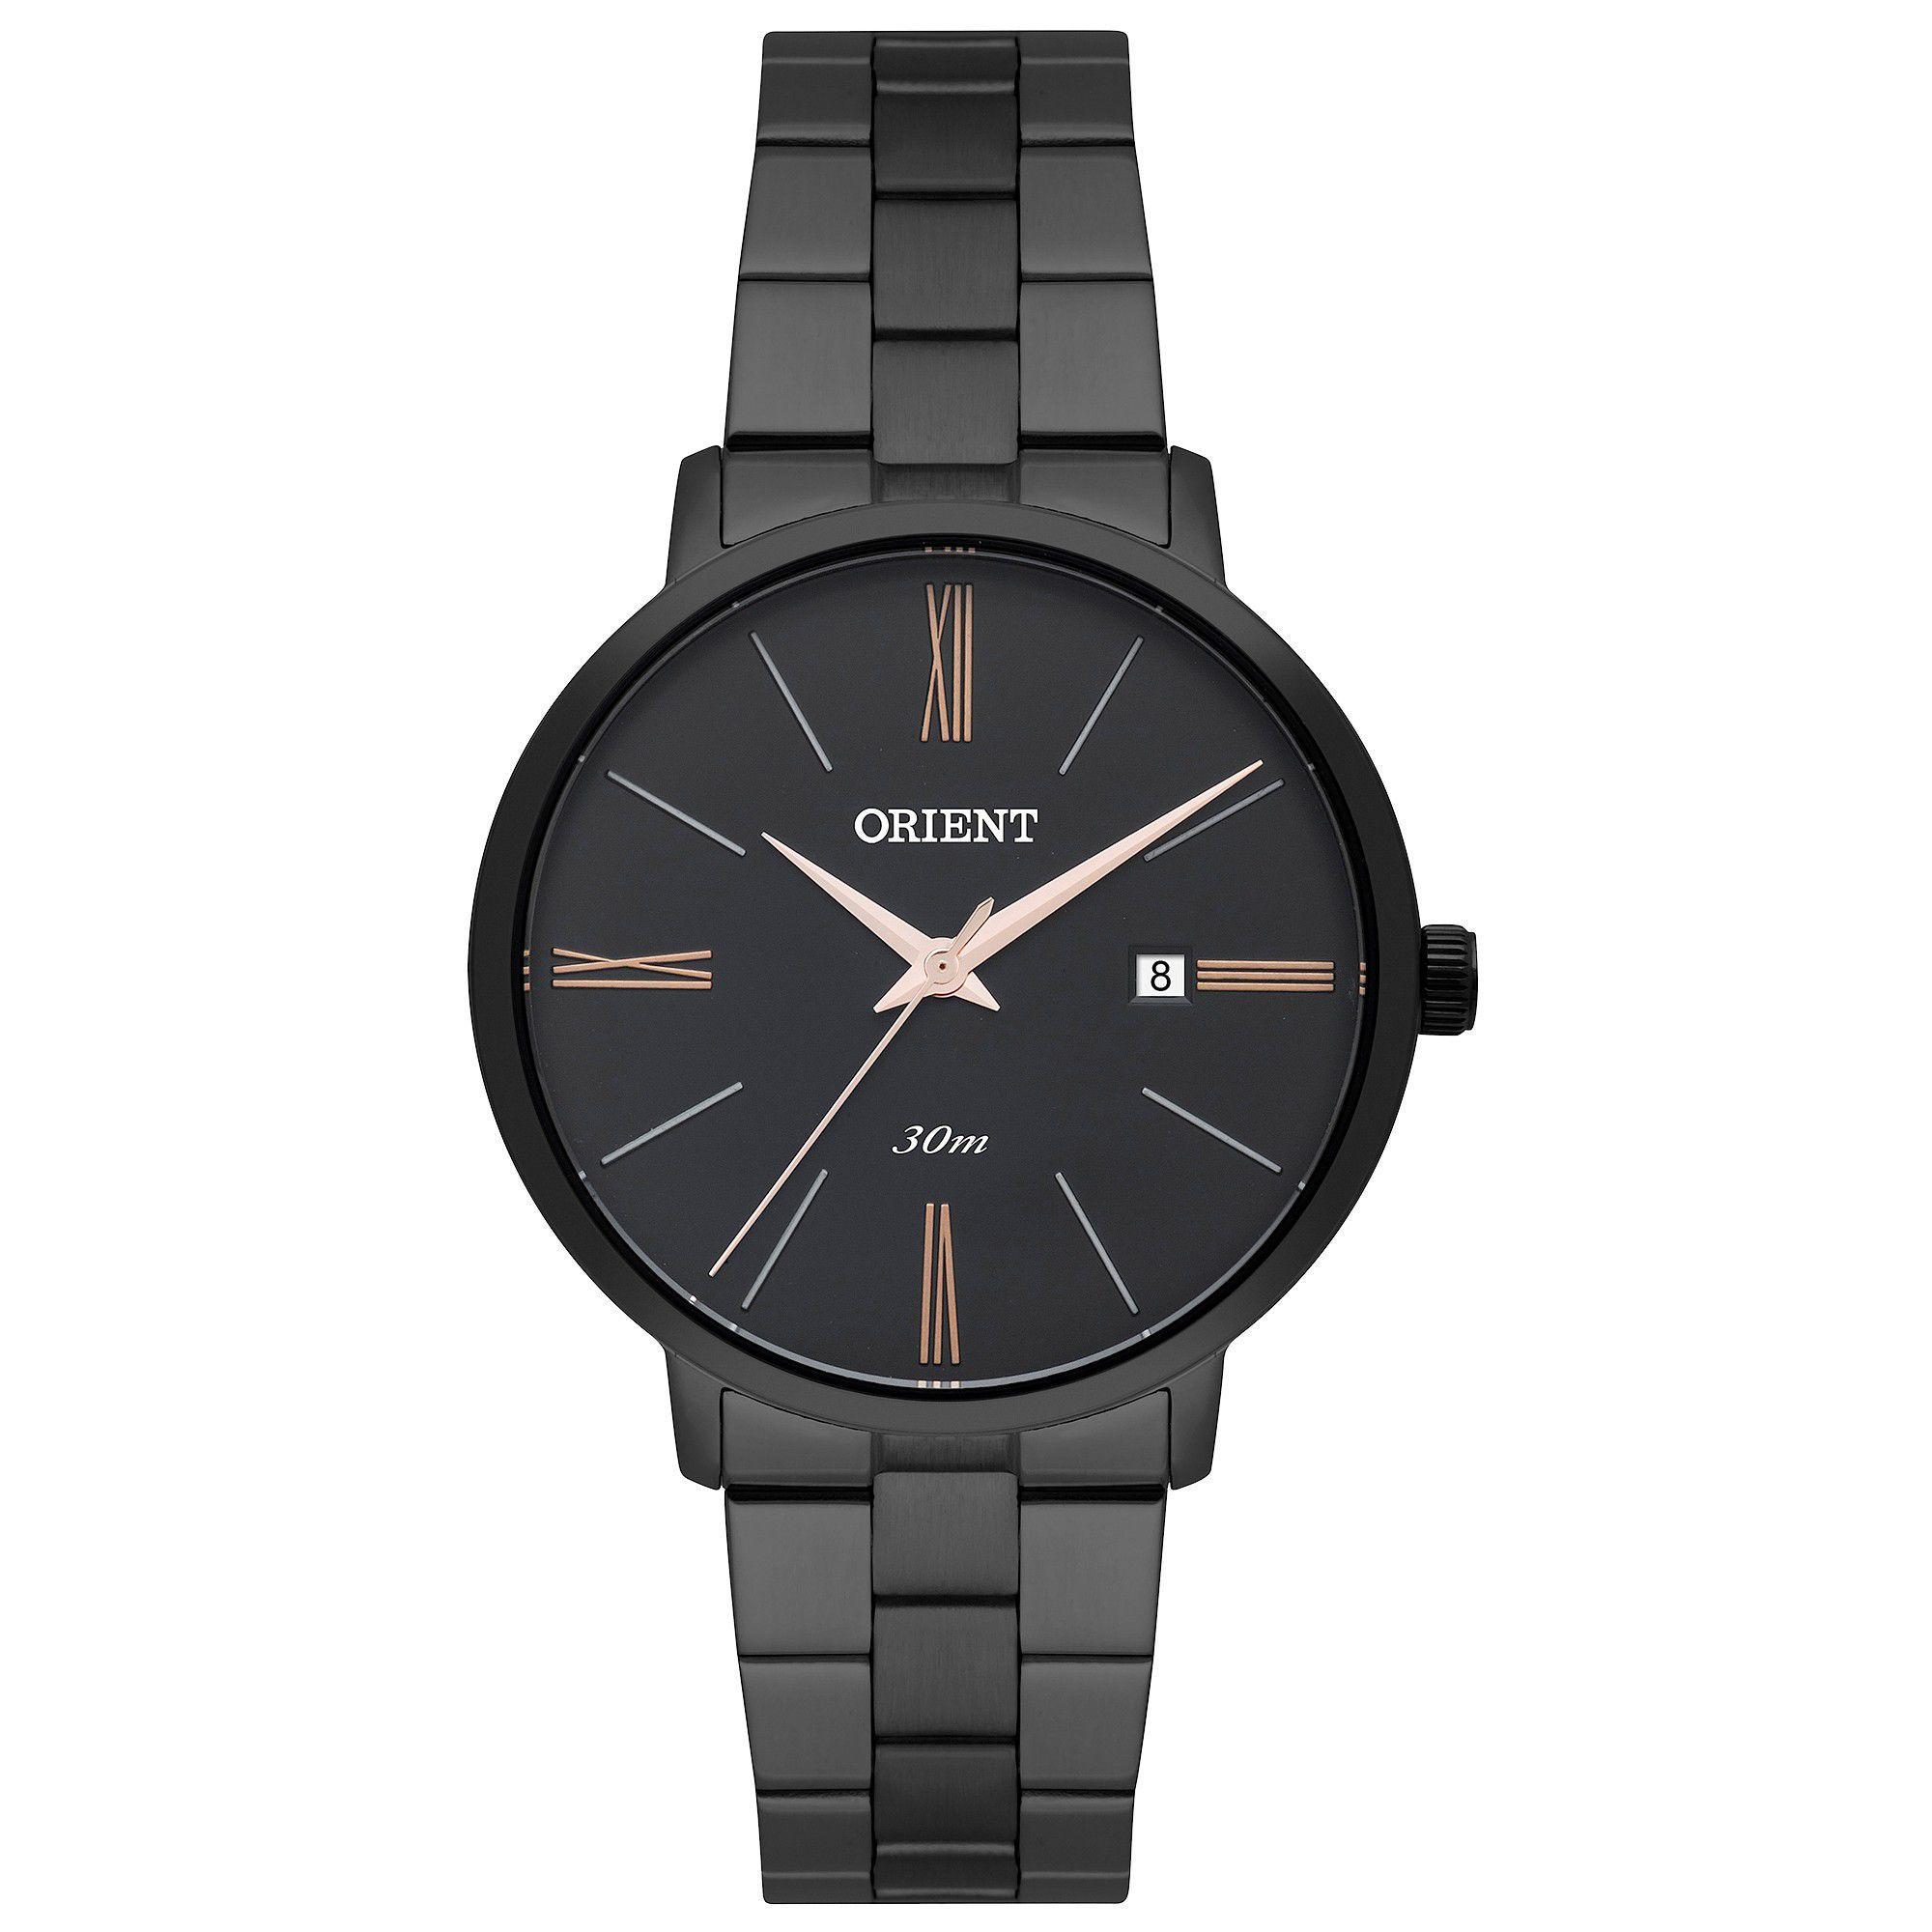 Relógio Feminino Orient FPSS1002 P3PX